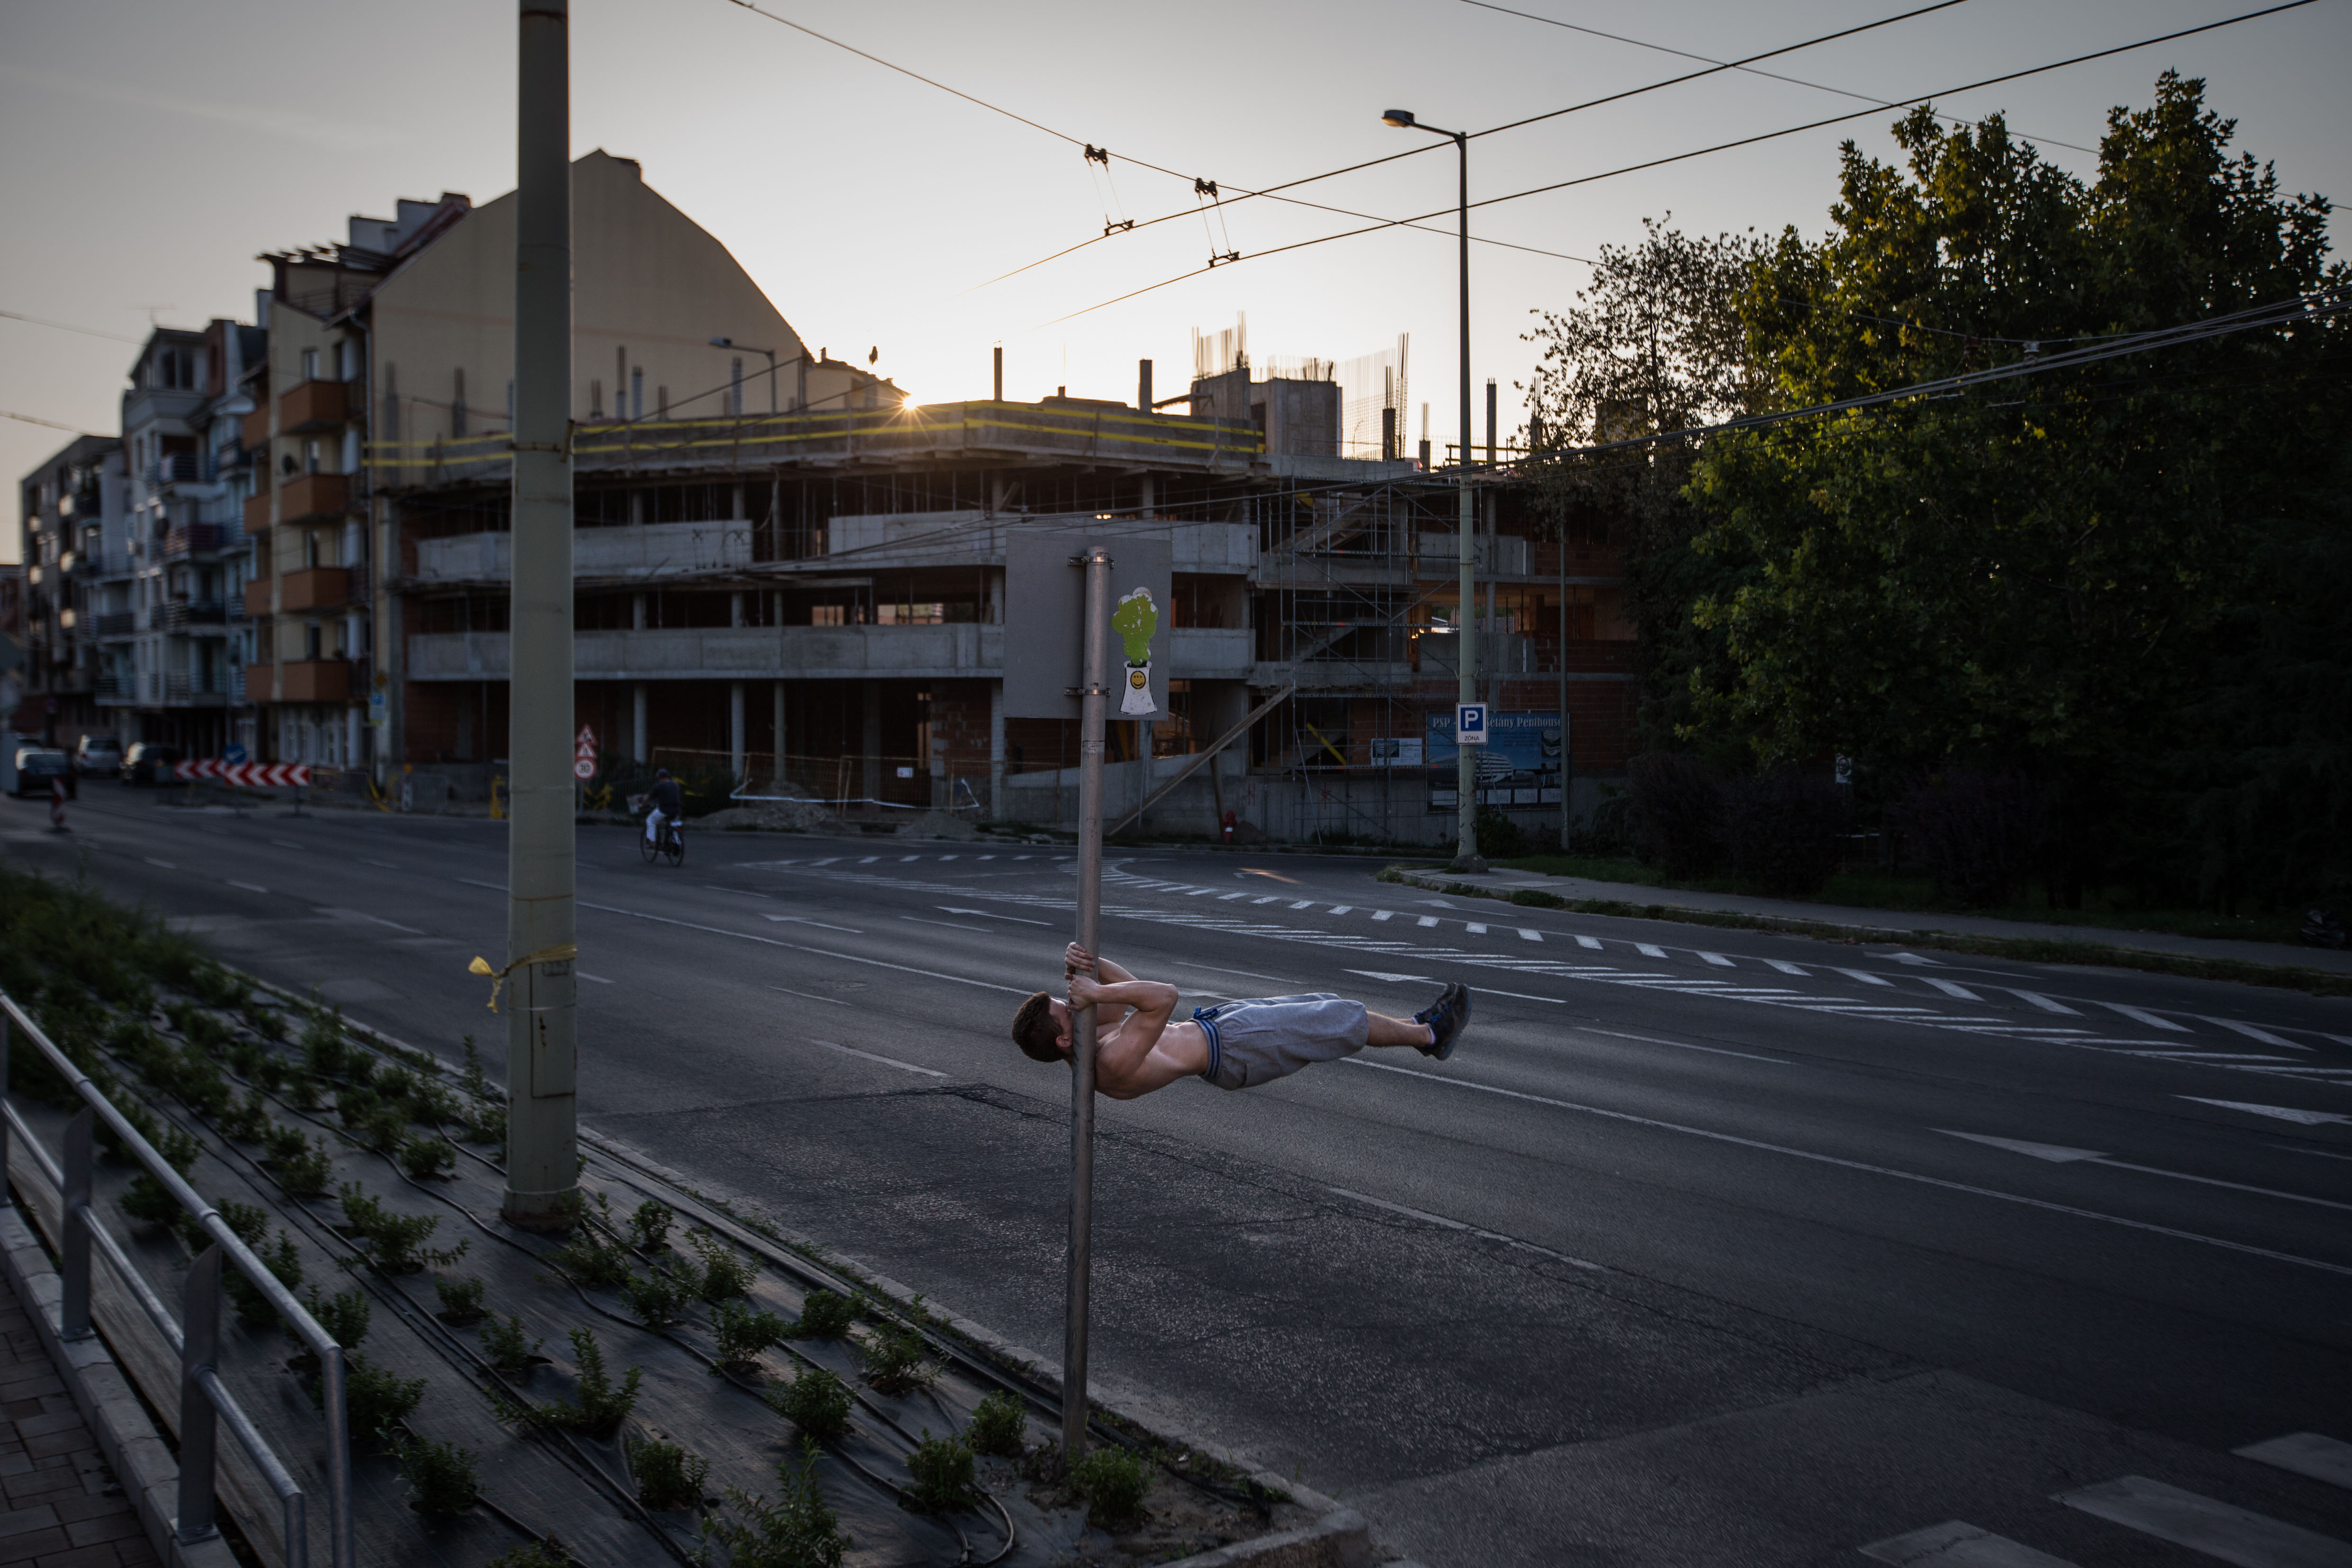 streetworkout-1.jpg